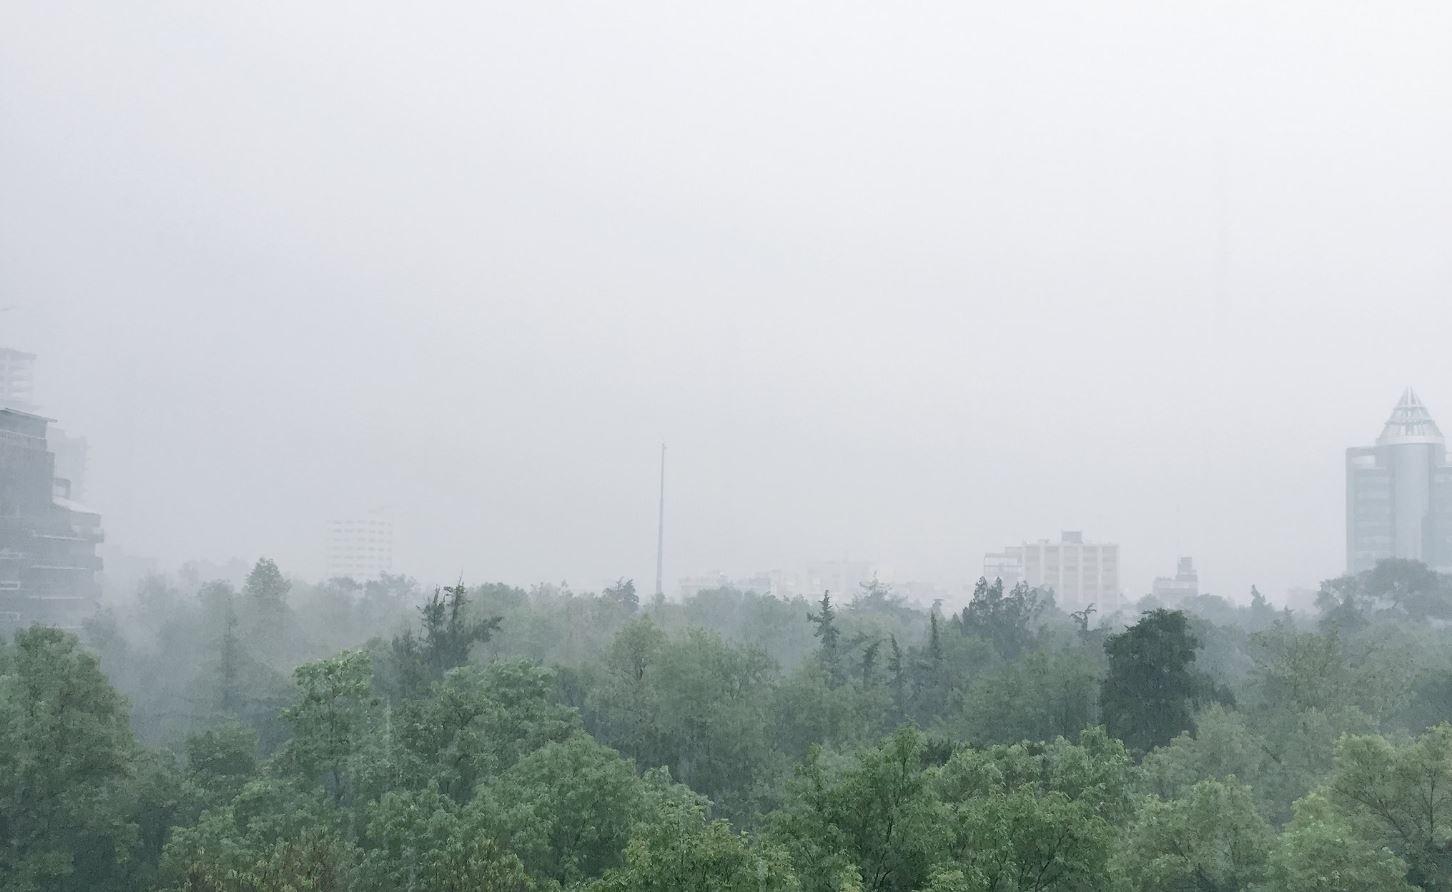 lluvia provoca desbordamiento canales y encharcamientos nueve delegaciones cdmx